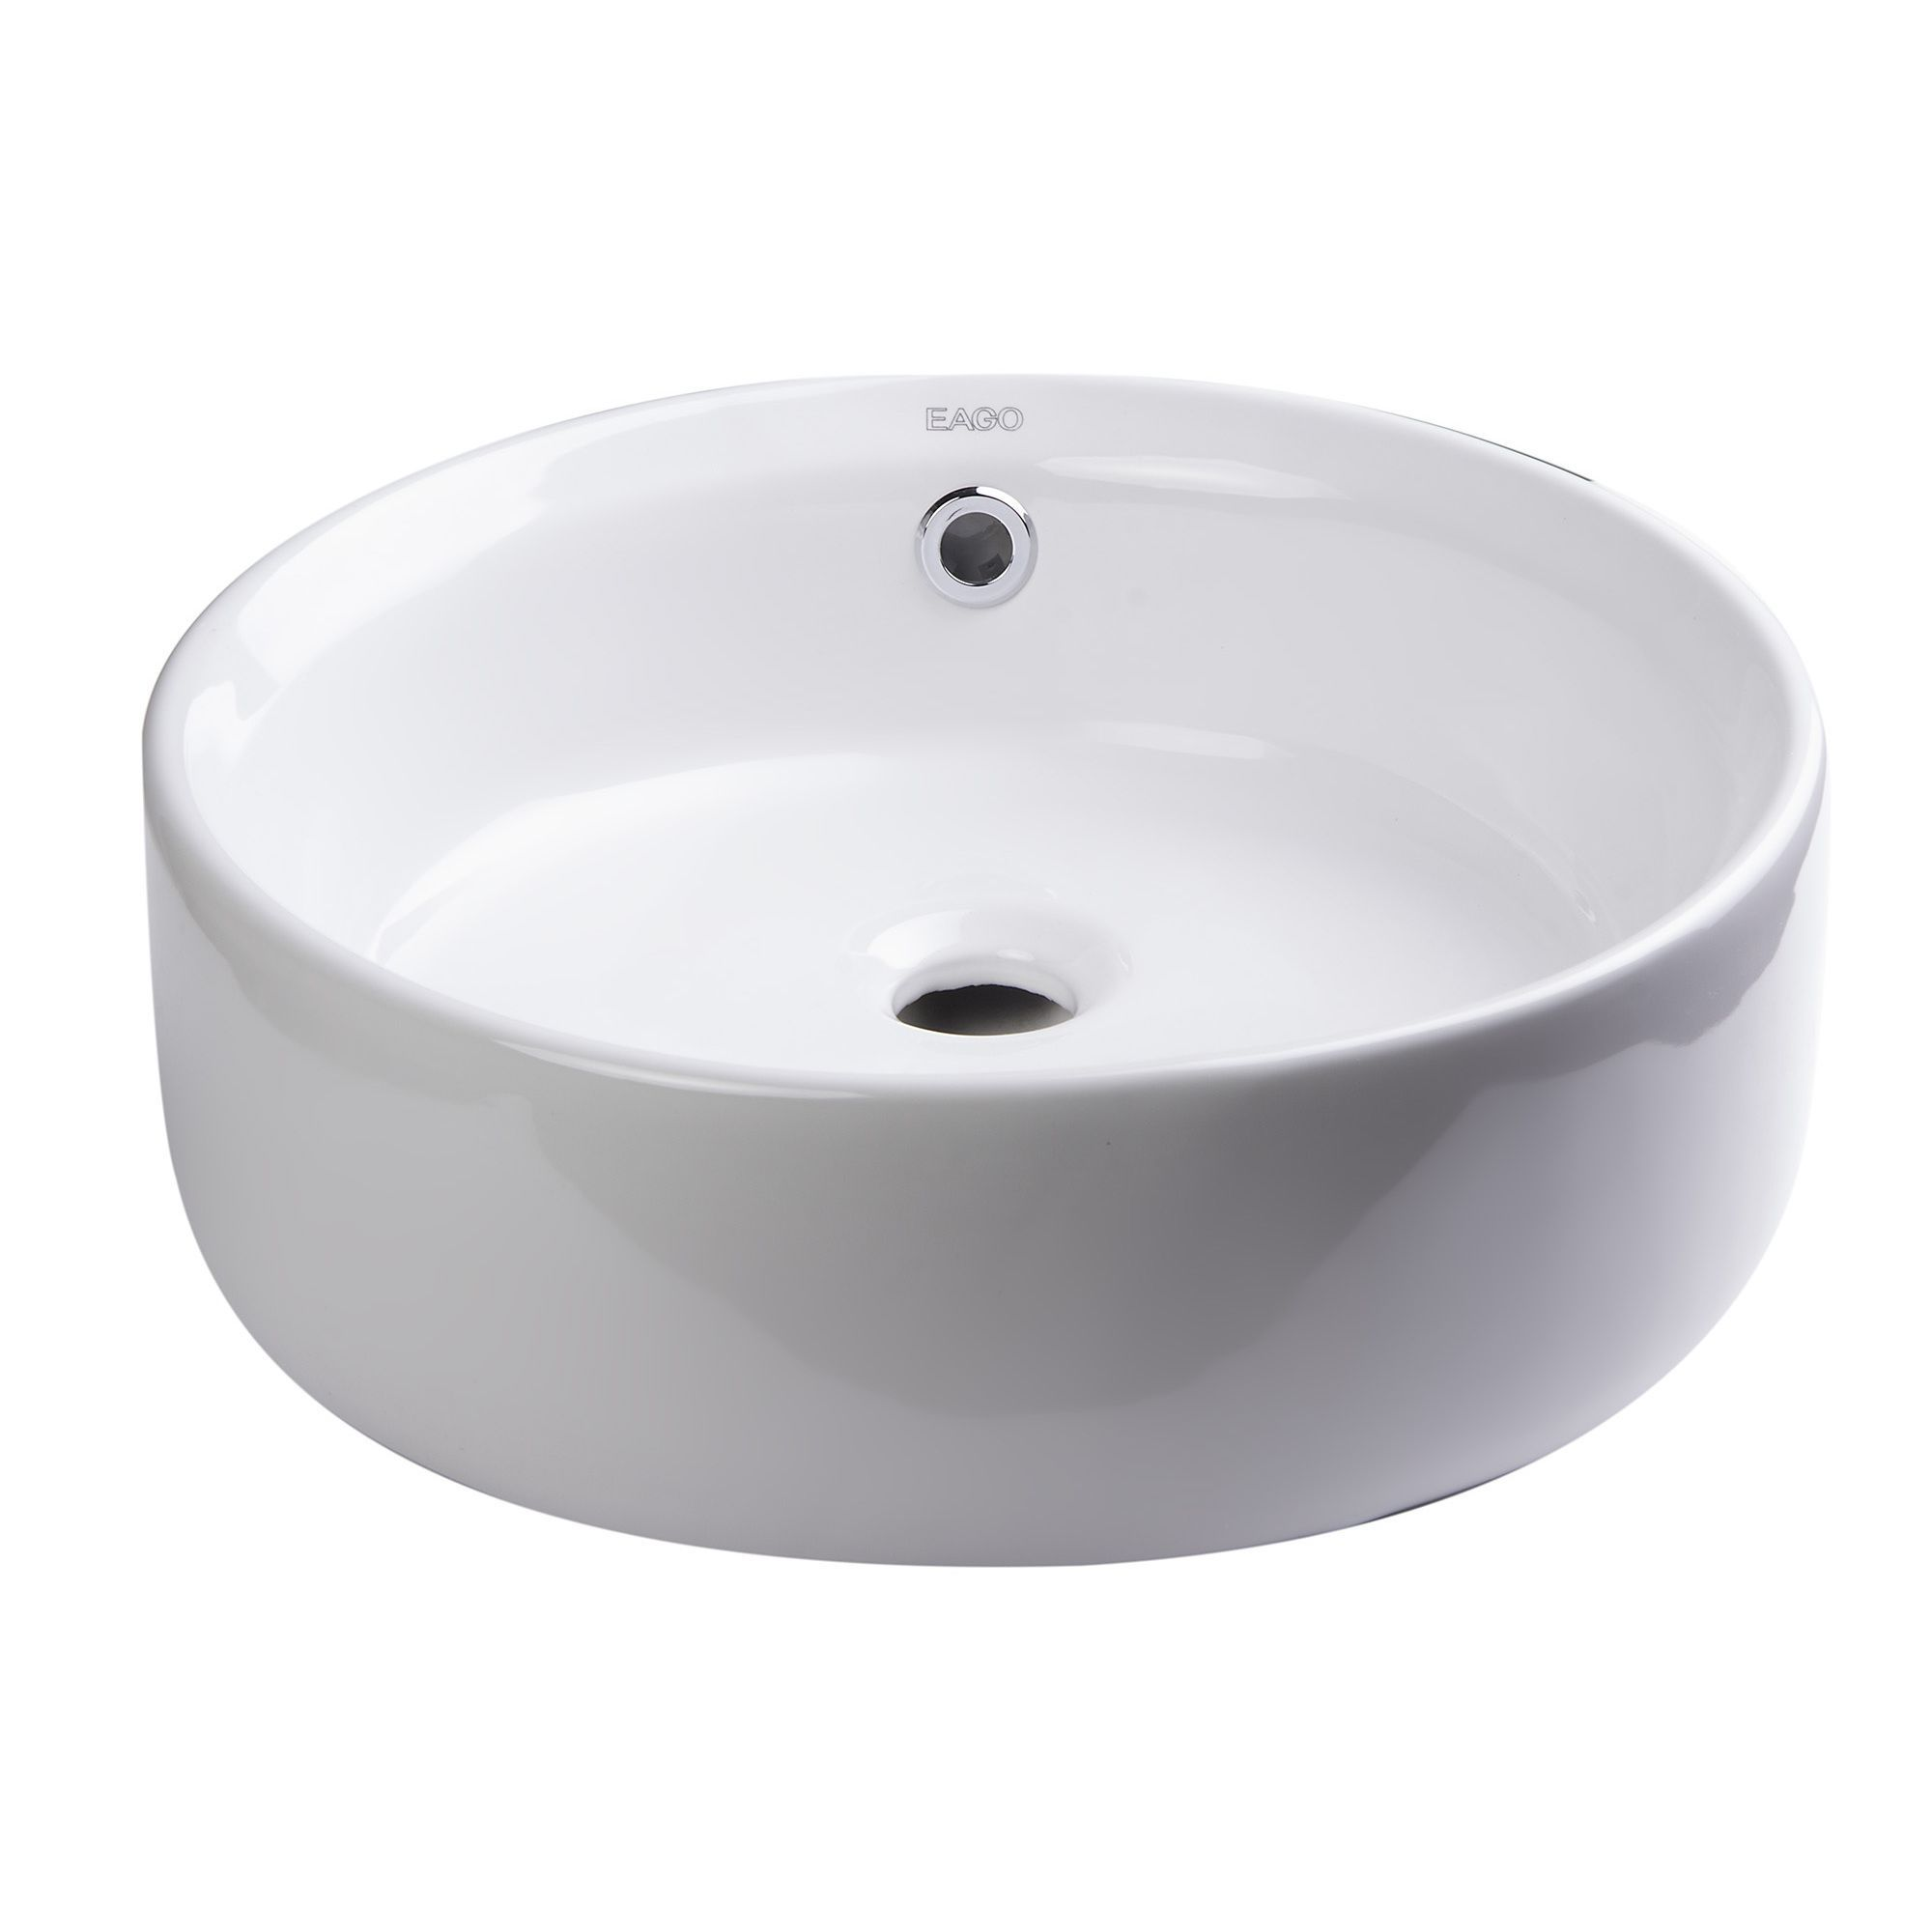 Eago Ceramic 16 Inch Round Above Mount Bathroom Vessel Sink White Sink Vessel Sink Vessel Sink Bathroom